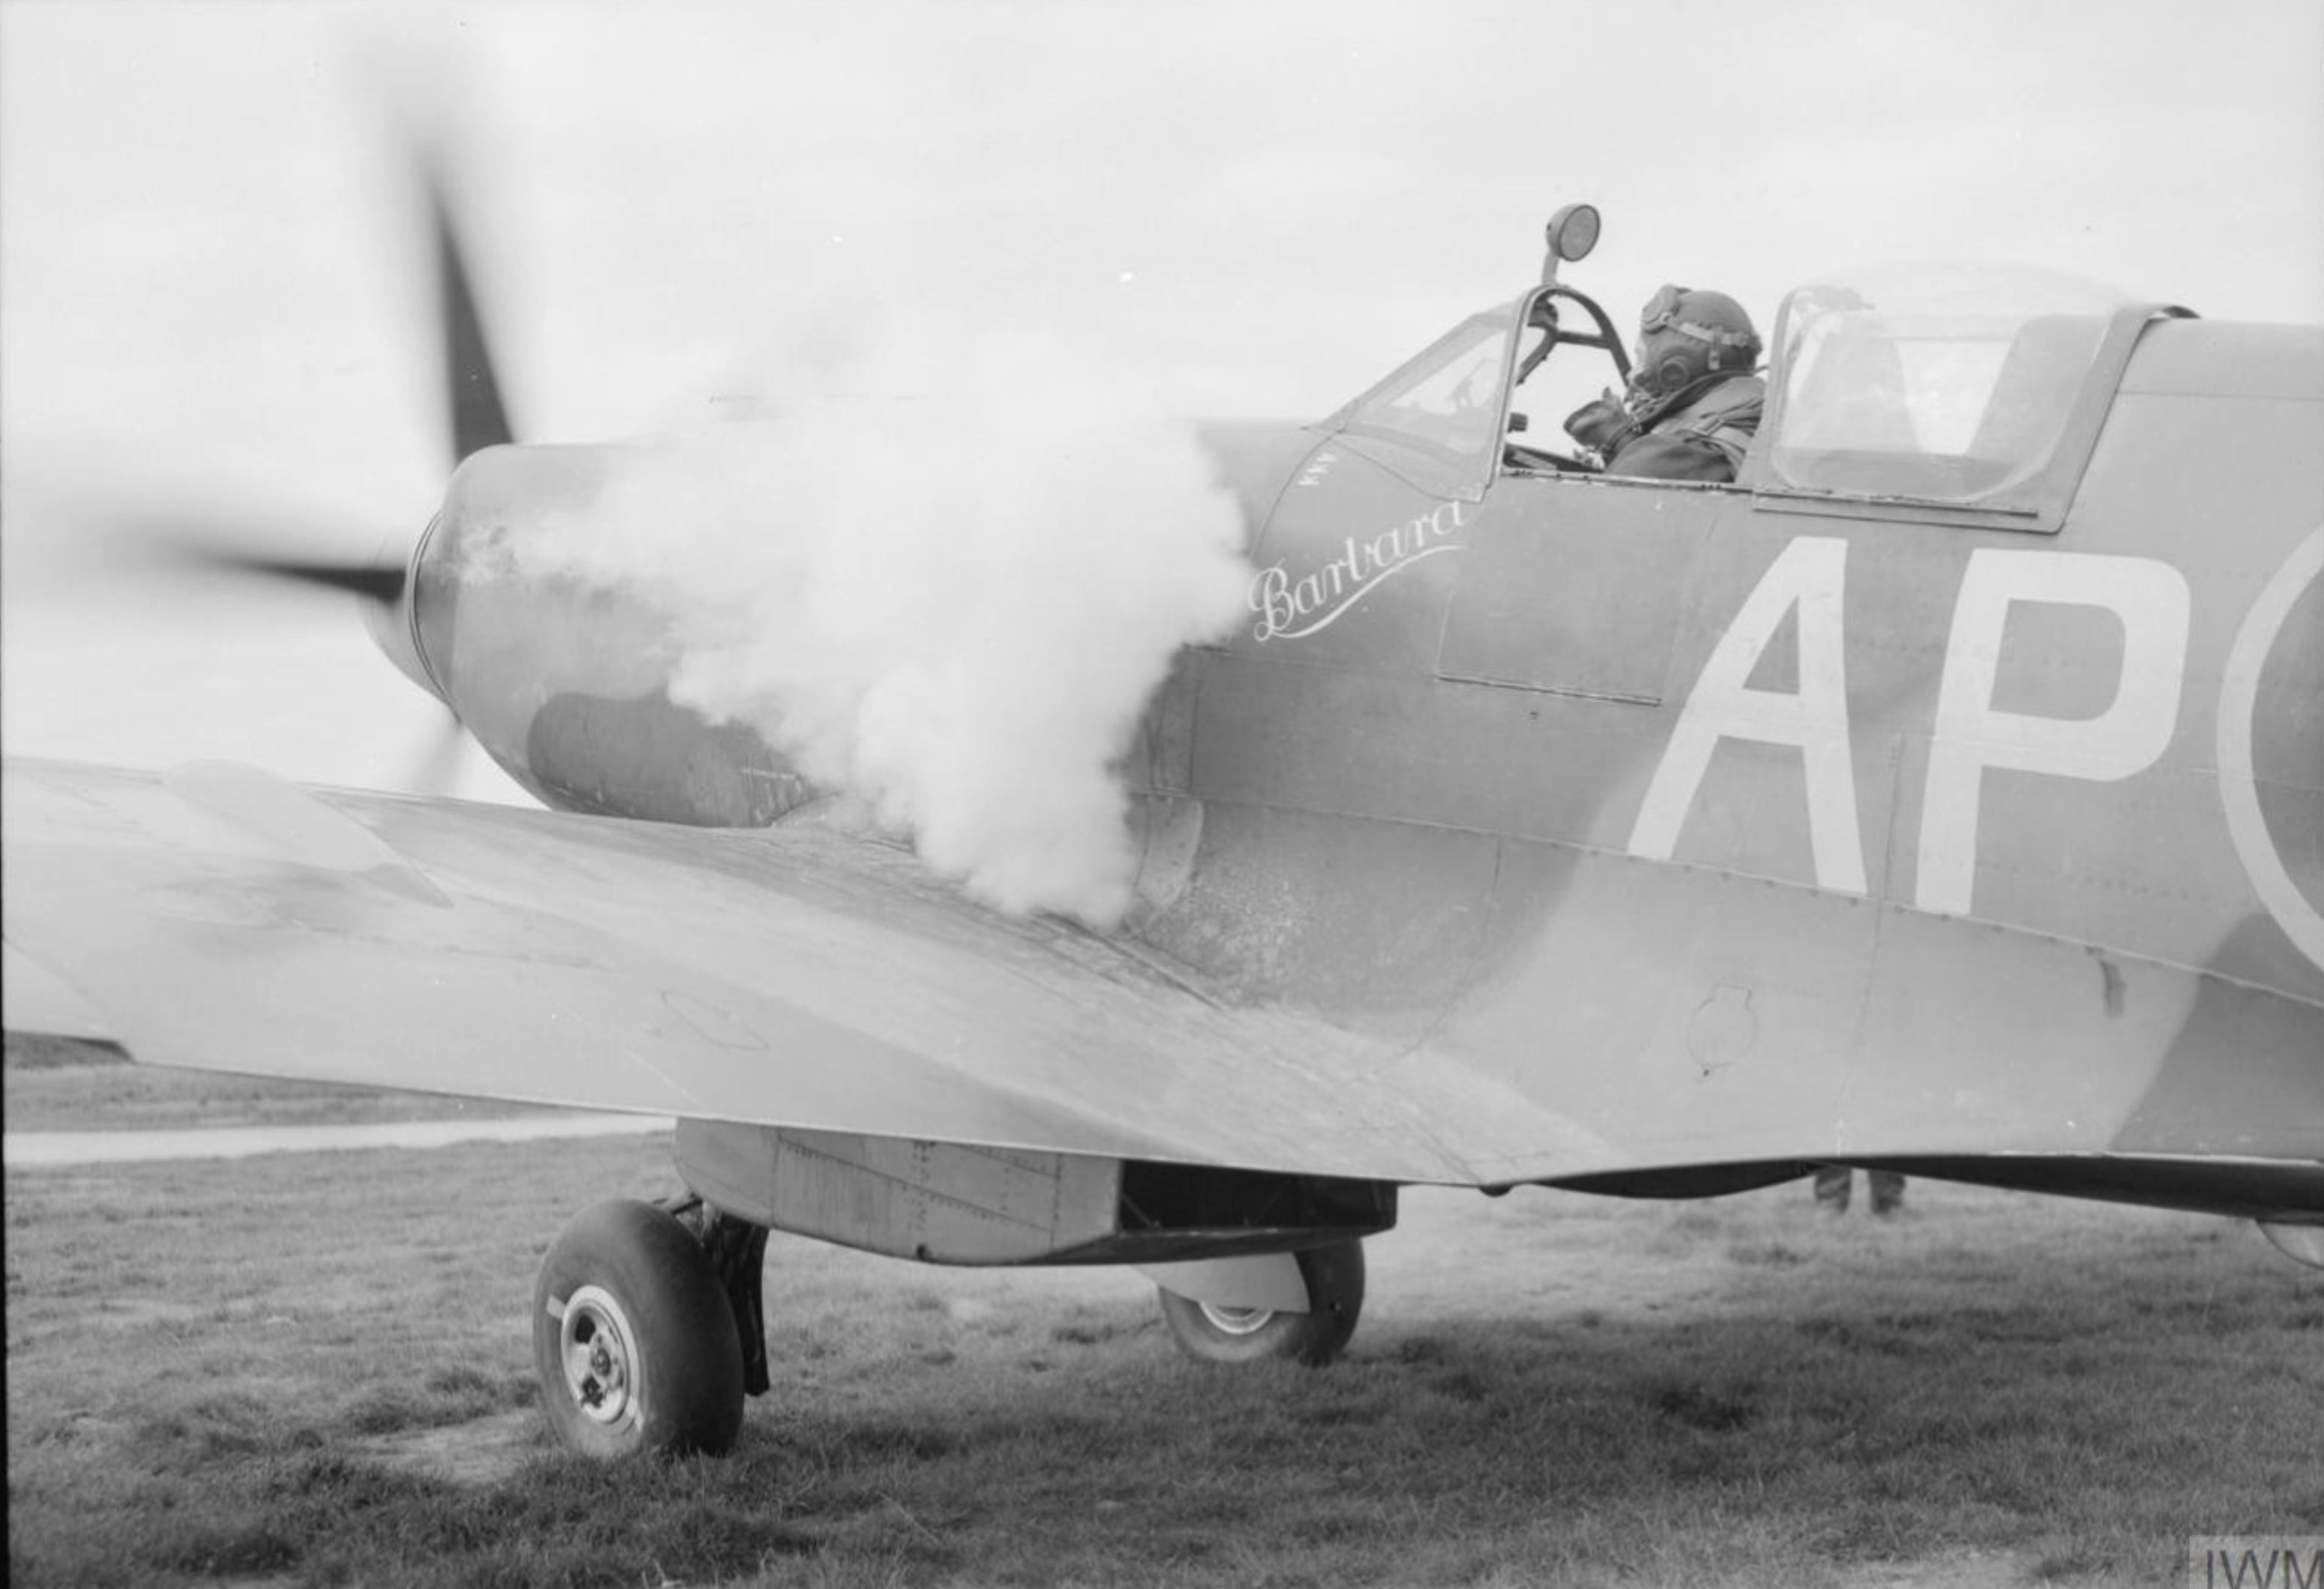 Spitfire XIVe RAF 350Sqn ex RAF 130Sqn AP at Lympne Kent IWM CL1354